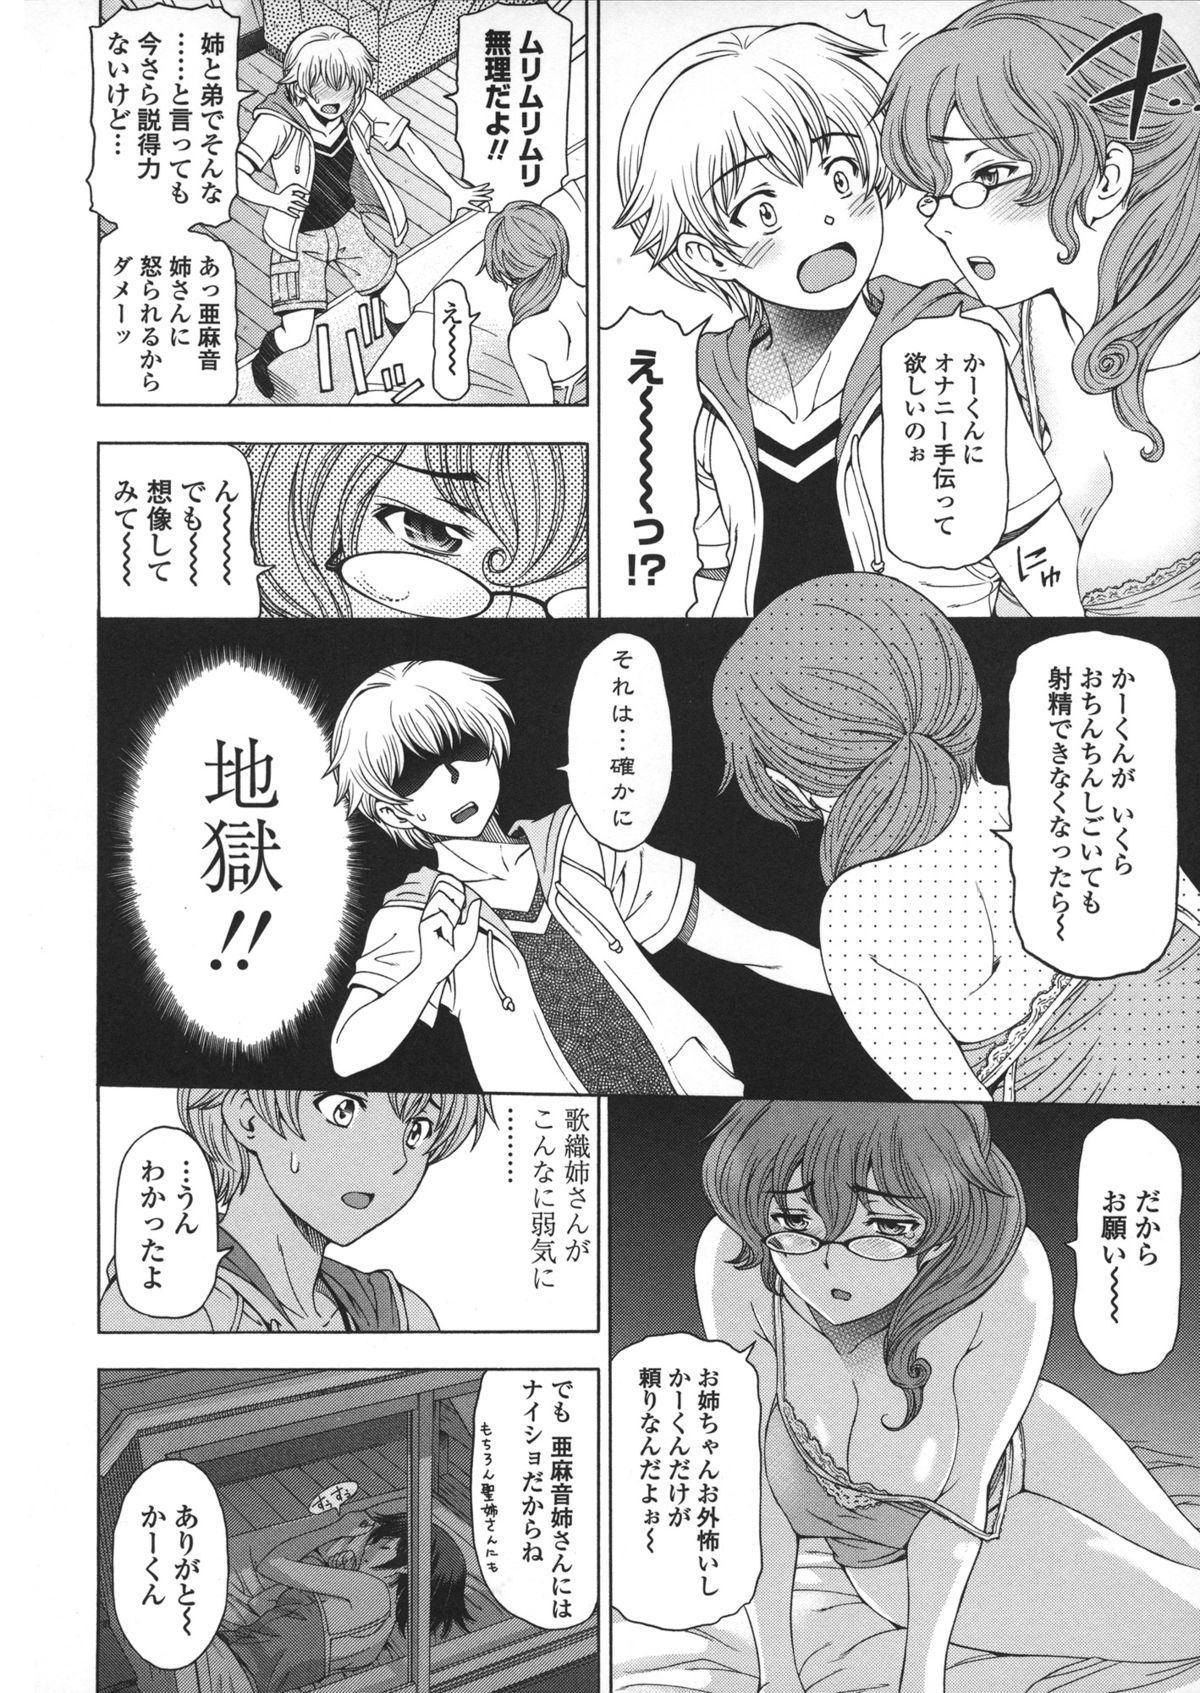 Ane wa Shota o Suki ni Naru 86